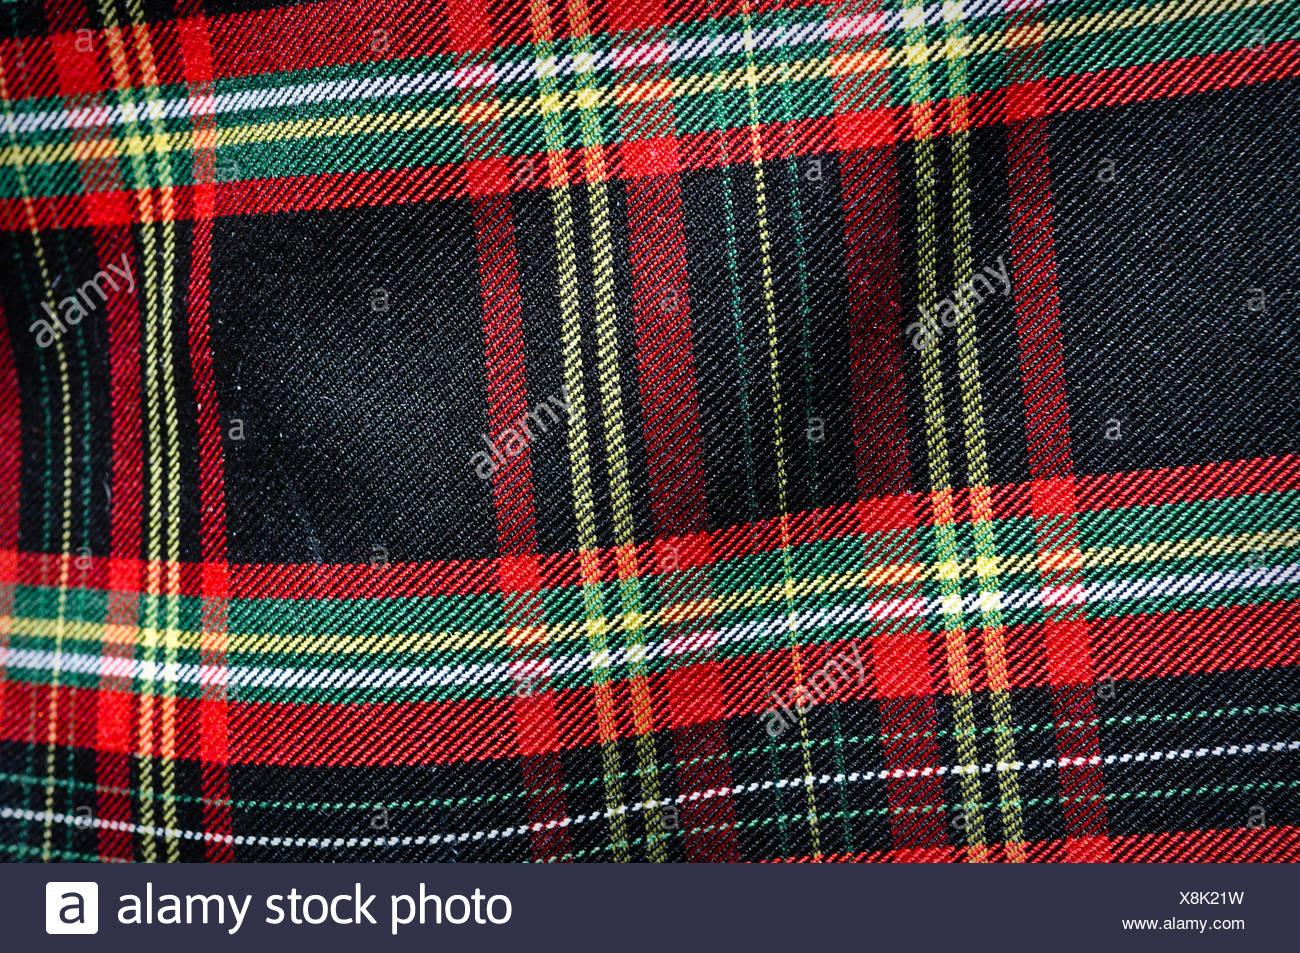 Plaid Scottish Kilt - Stock Image